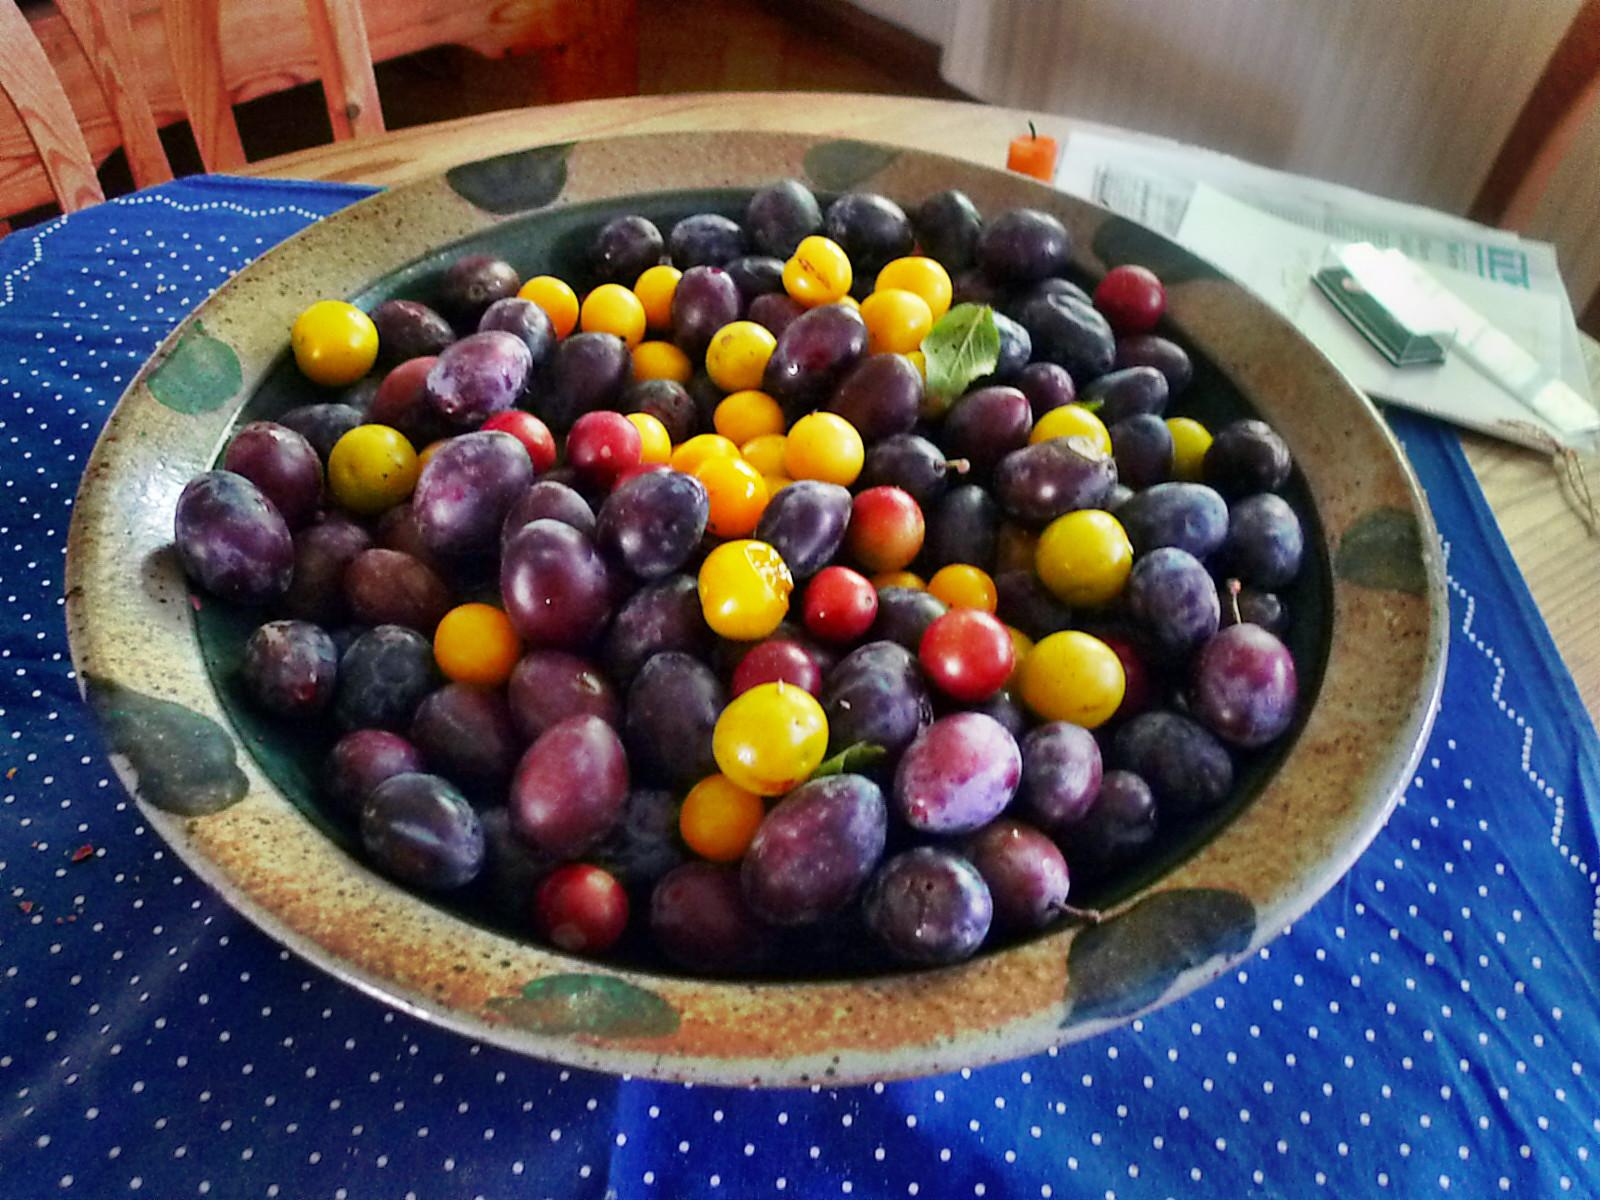 Obst aus Nermsdorf-6.8.14   (1)